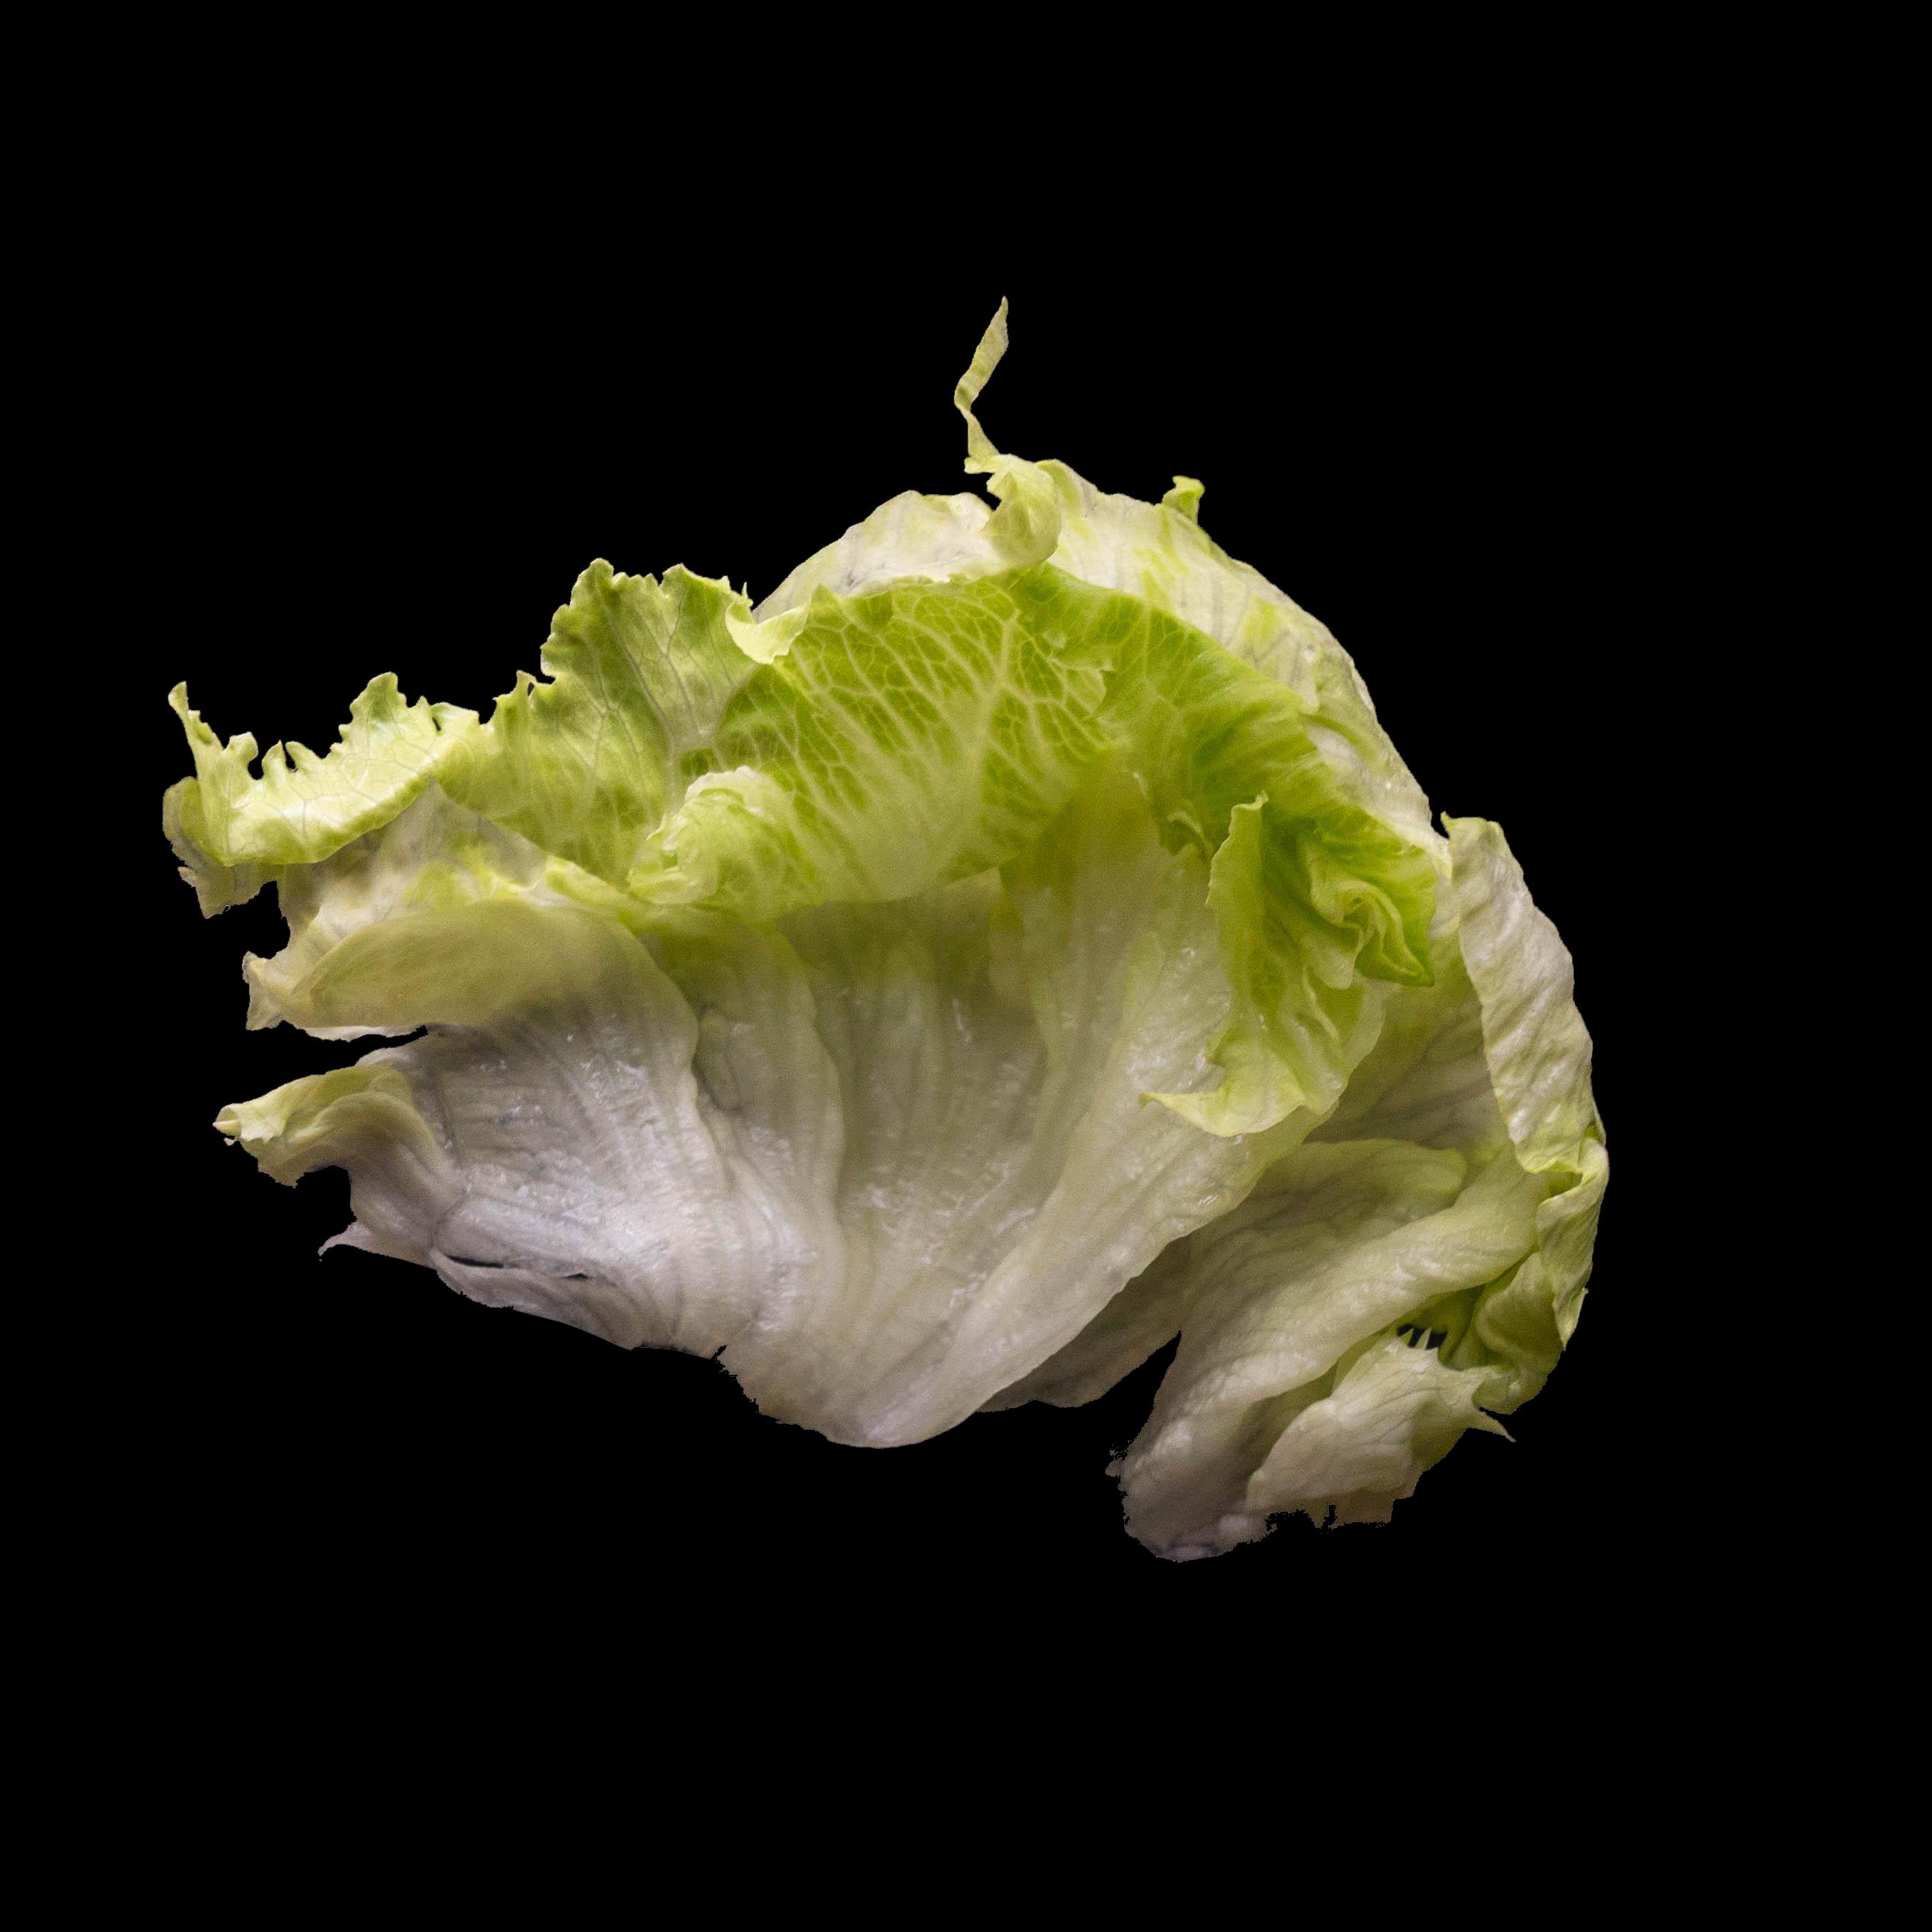 56. 生菜 Lettuce Image